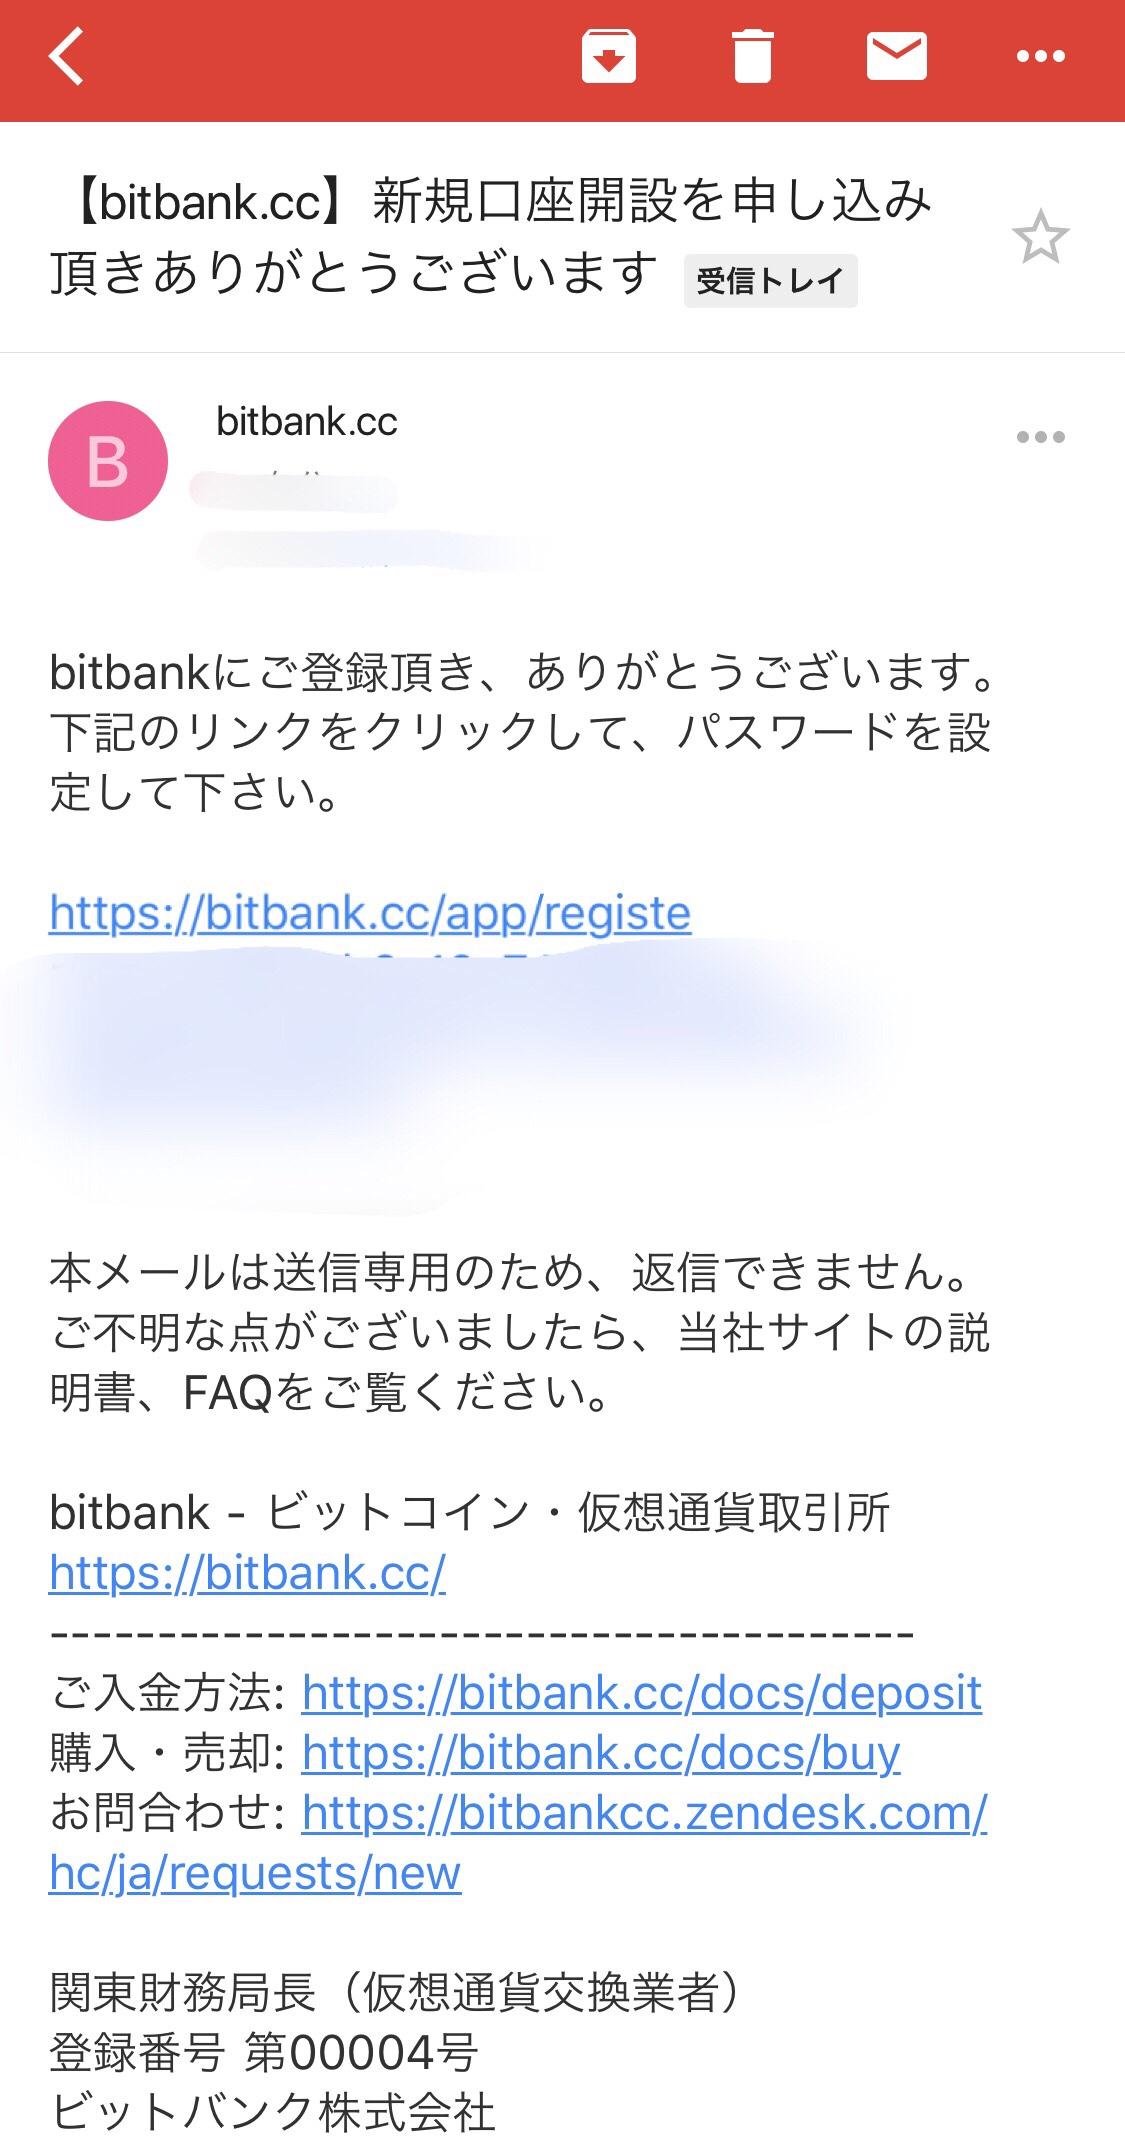 ビットバンク登録メール